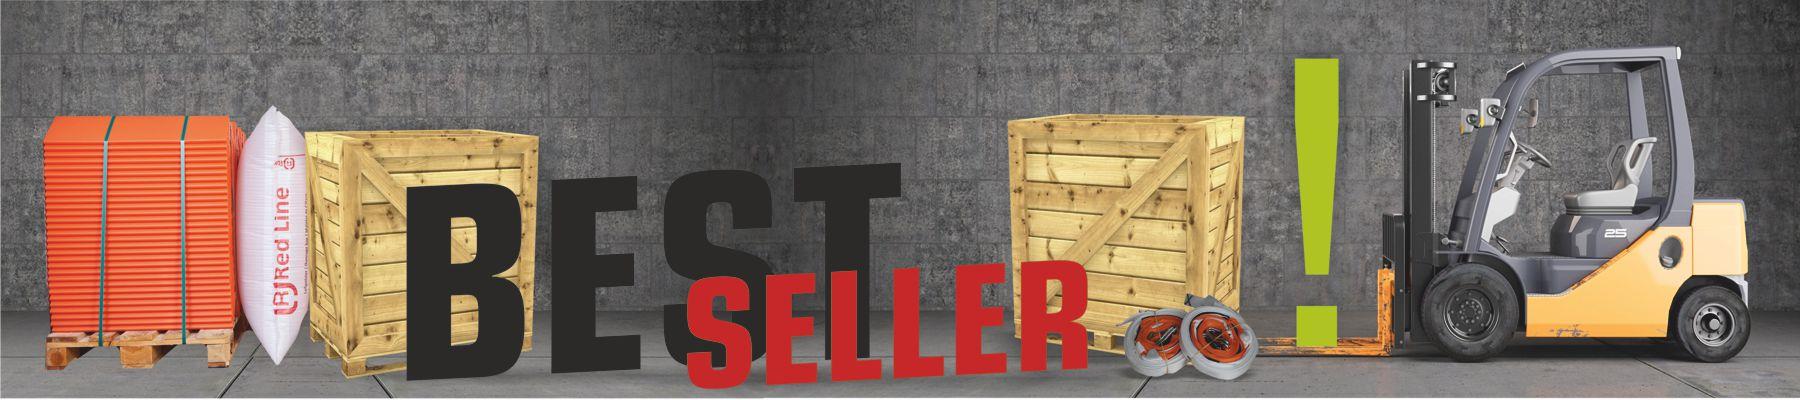 Teaser_Bestseller_Aktion_Rothschenk_Shop